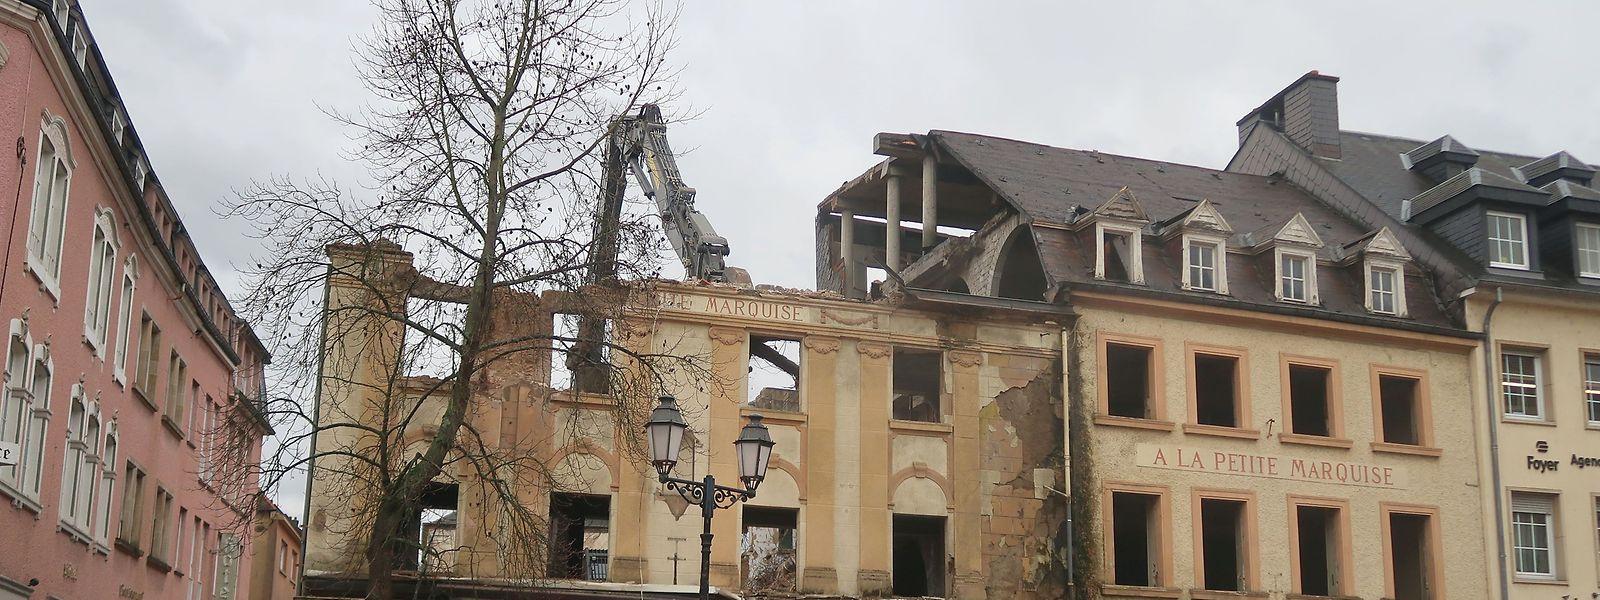 """Nach über 20 Jahren verschwindet das verfallene einstige """"Hôtel-Restaurant à la petite marquise"""" aus dem Stadtbild."""